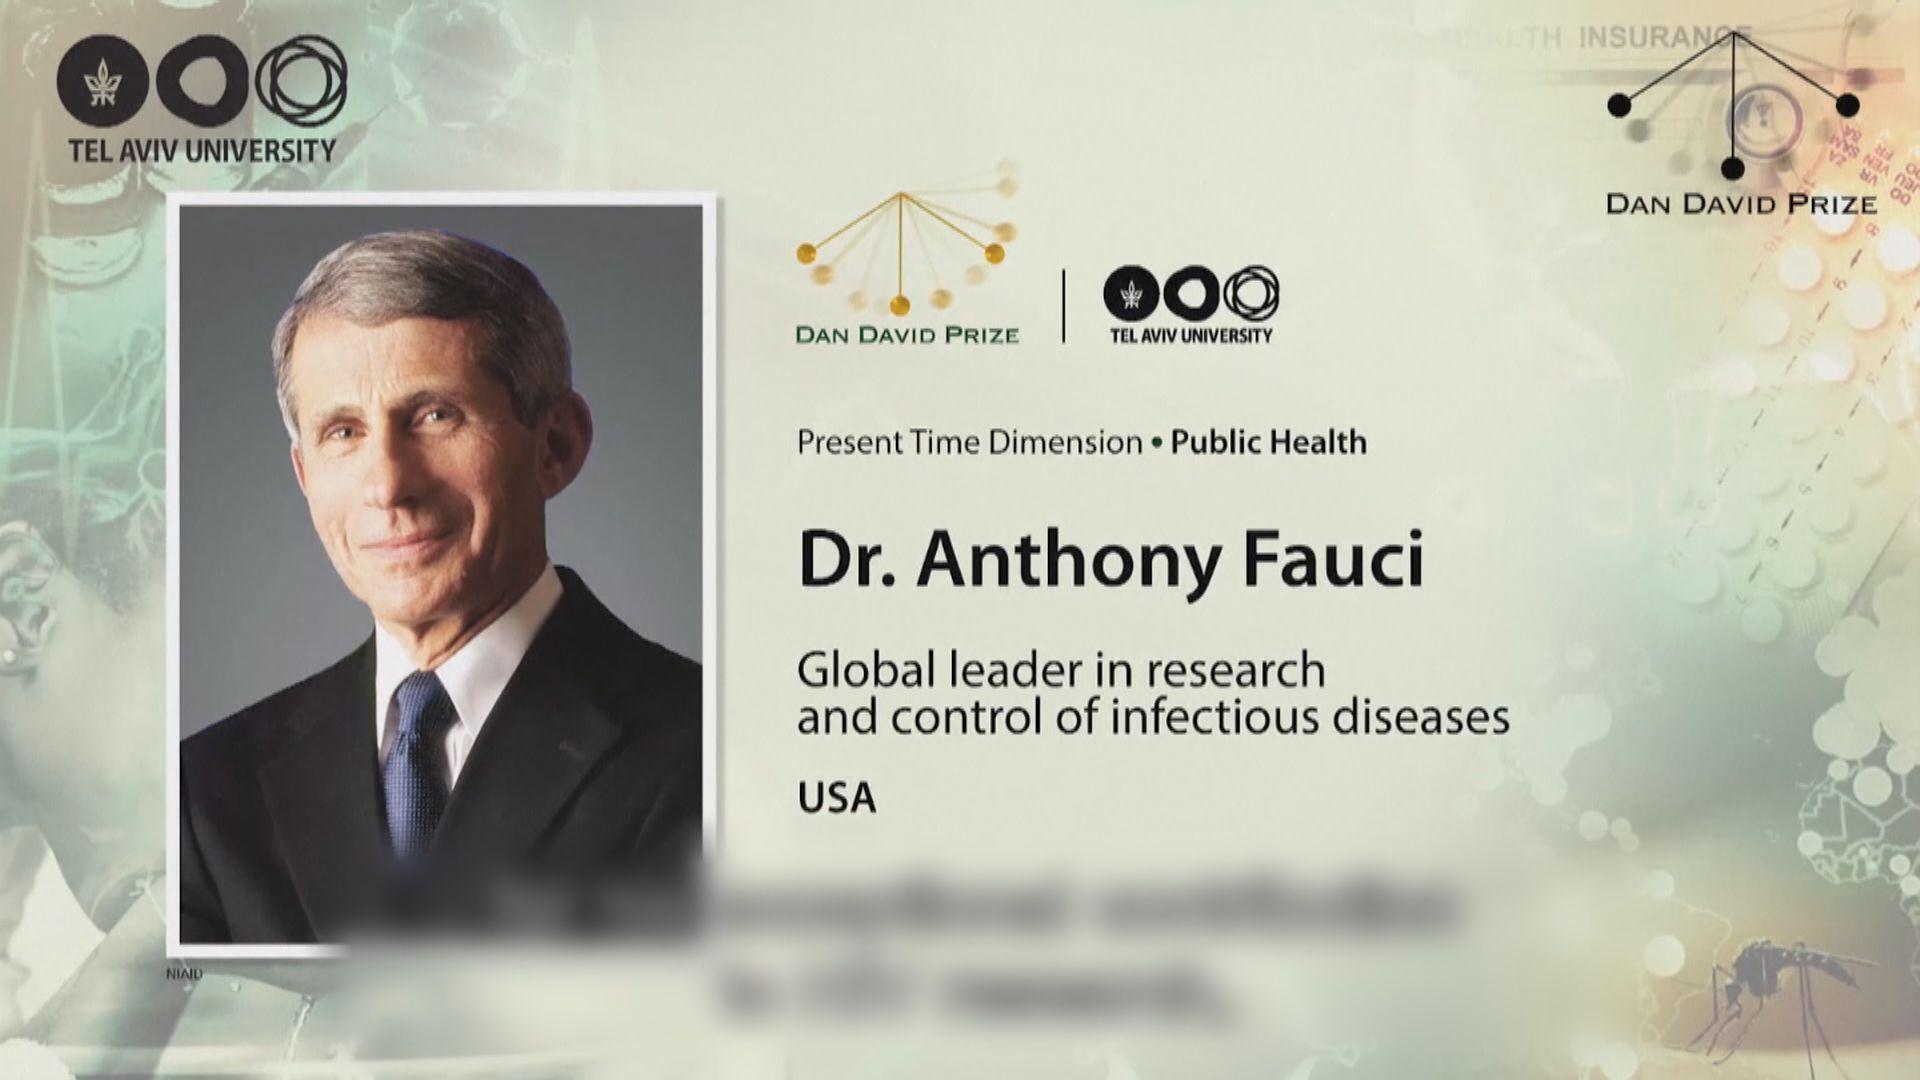 【環球薈報】美國抗疫專家福奇獲頒發百萬美元獎金